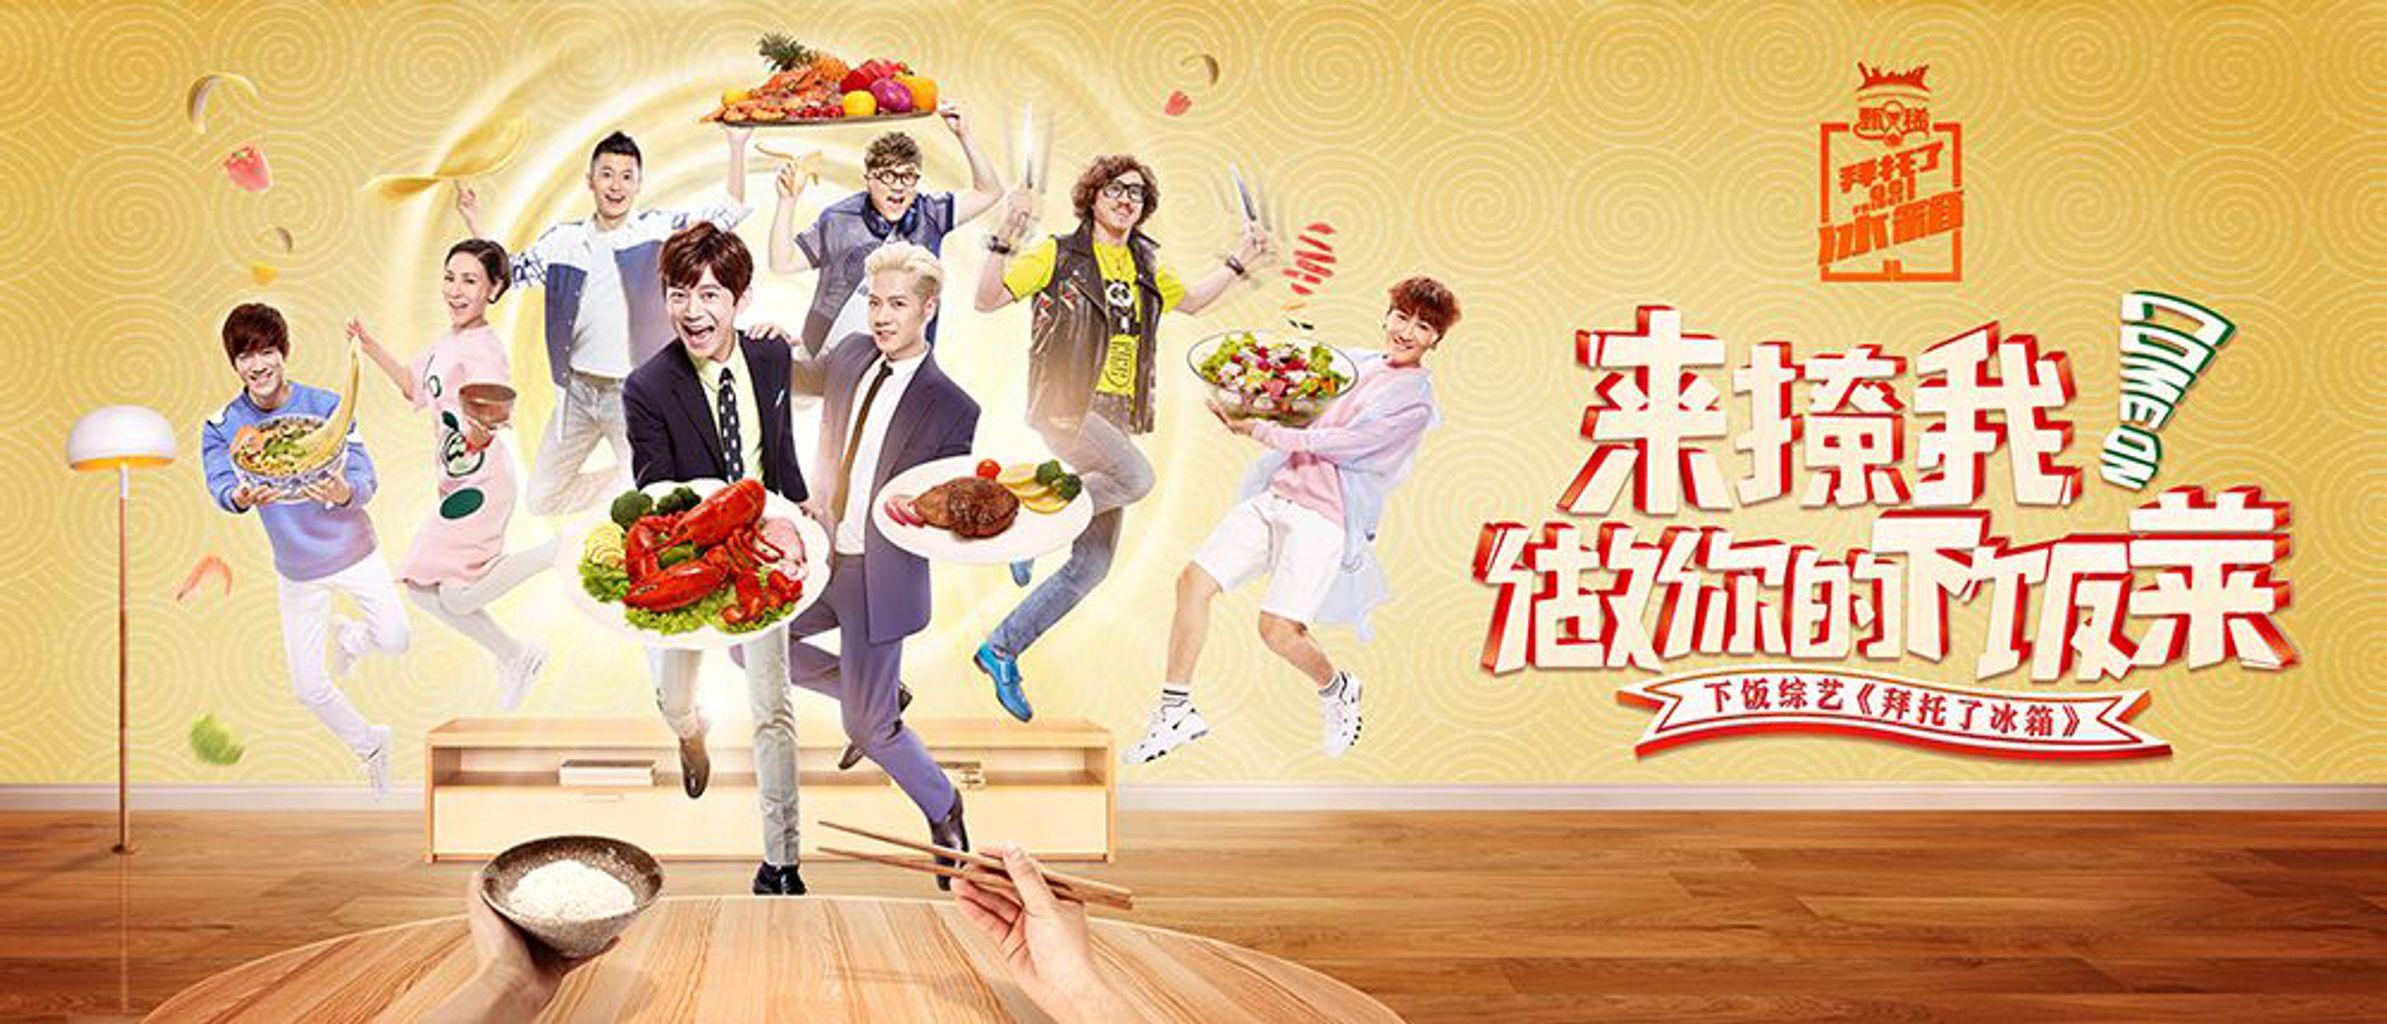 拜託了冰箱第二季(中國版)第1集|免費線上看|綜藝|LINE TV-精彩隨看